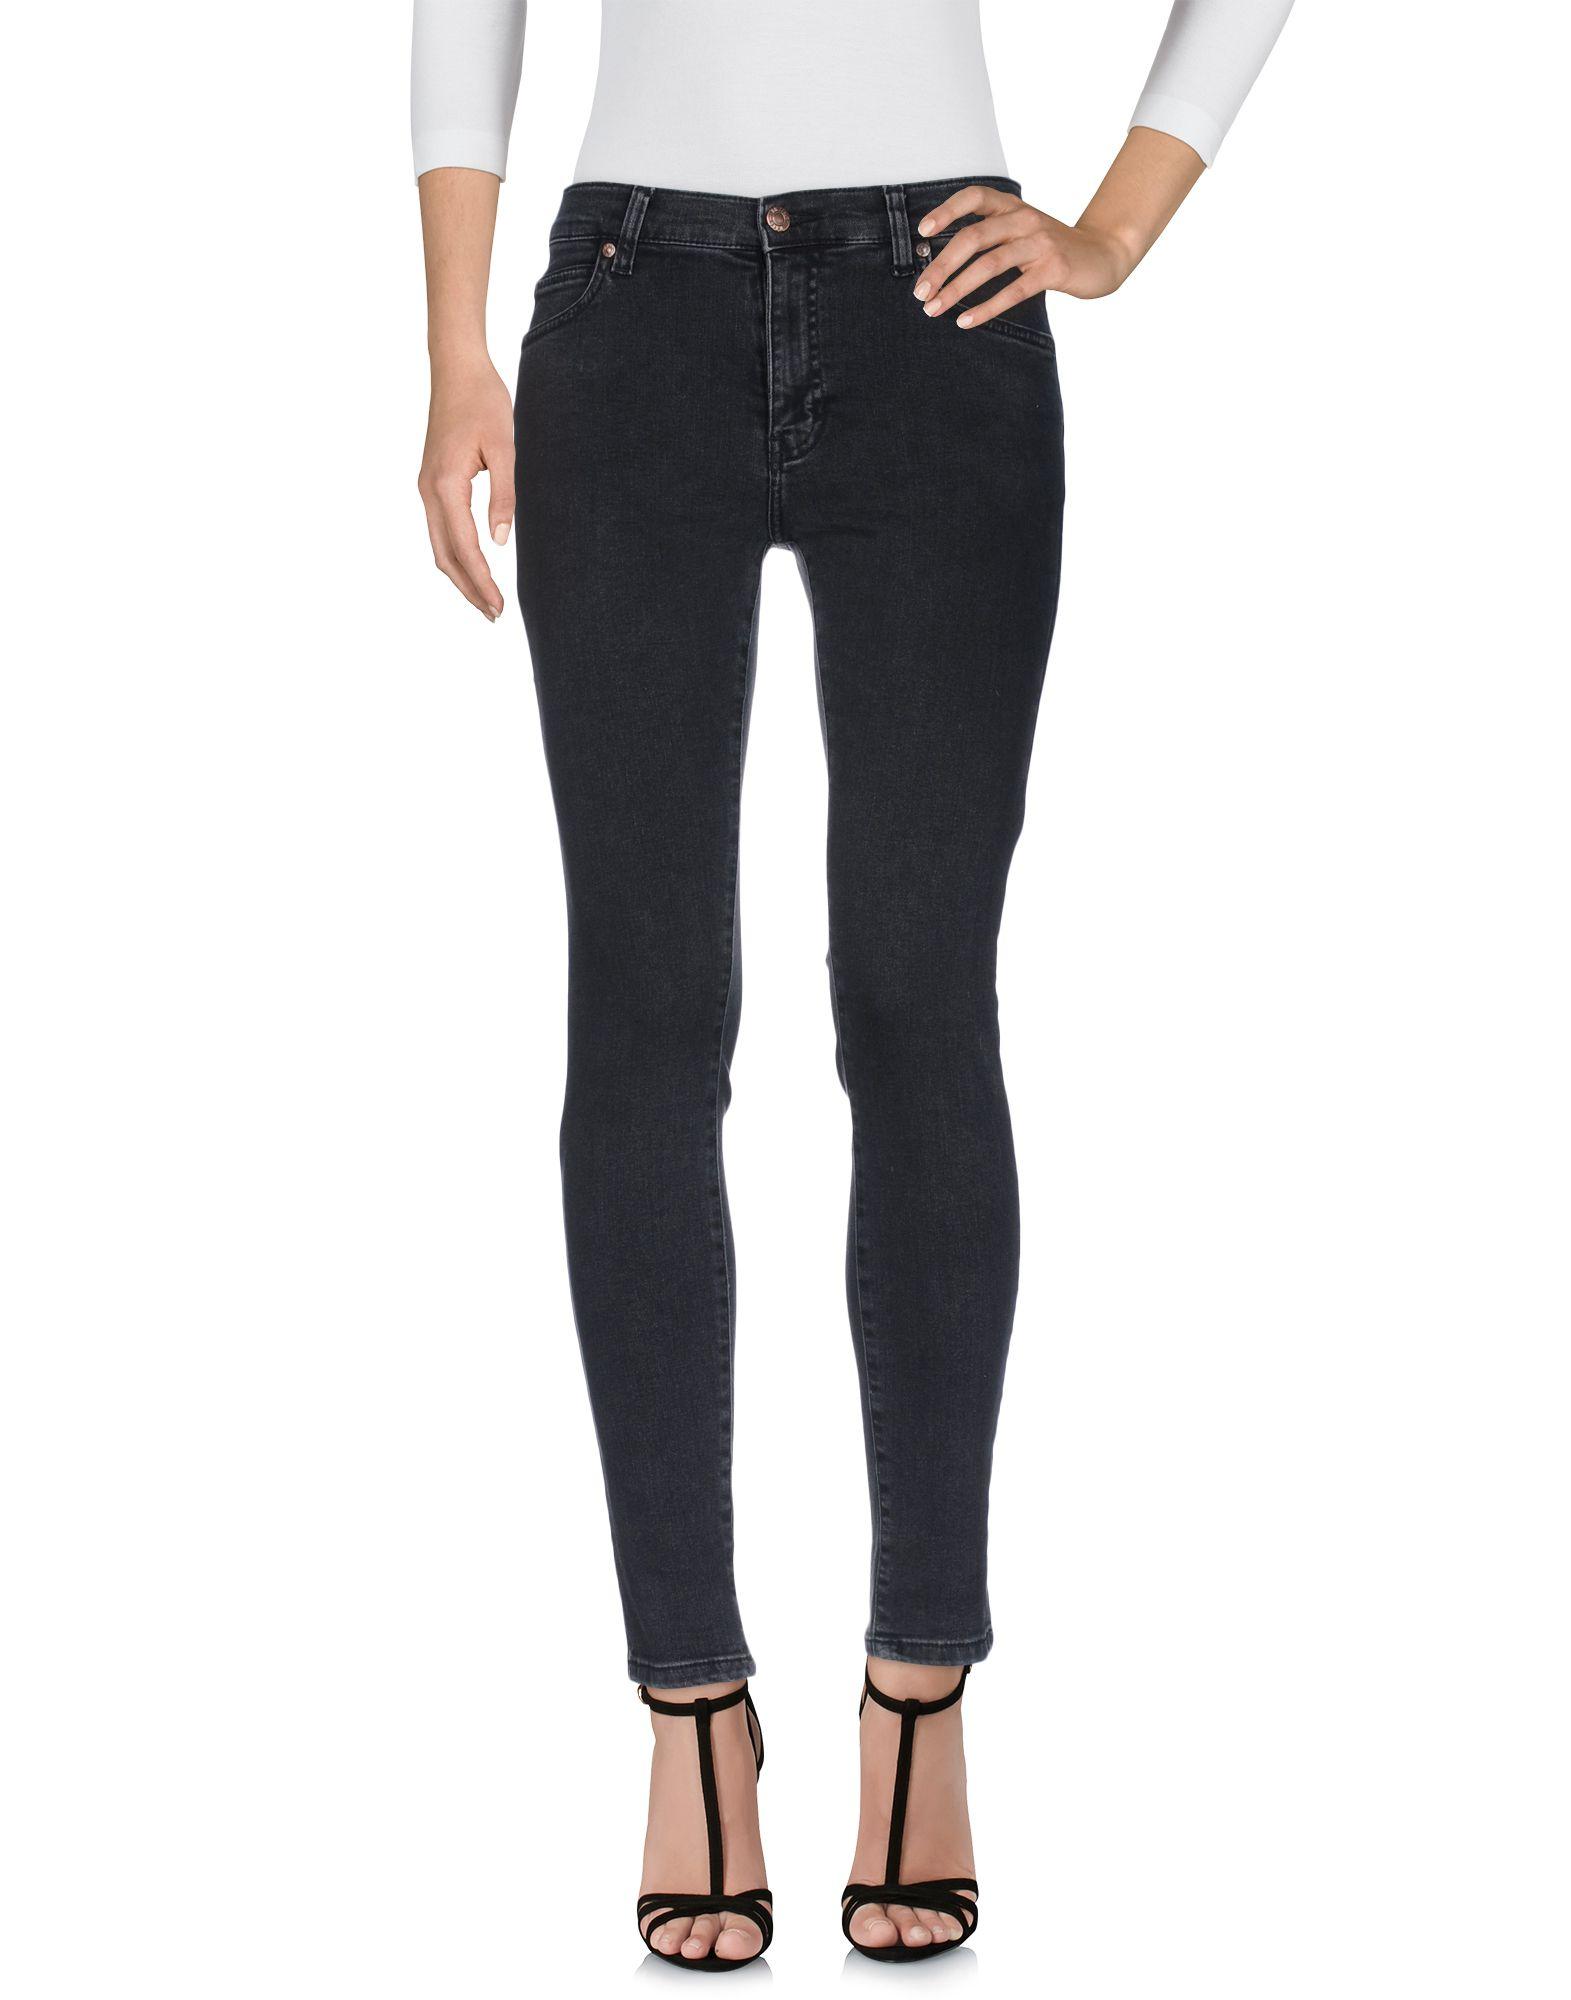 DR. DENIM JEANSMAKERS Джинсовые брюки dr denim jeansmakers джинсовая верхняя одежда